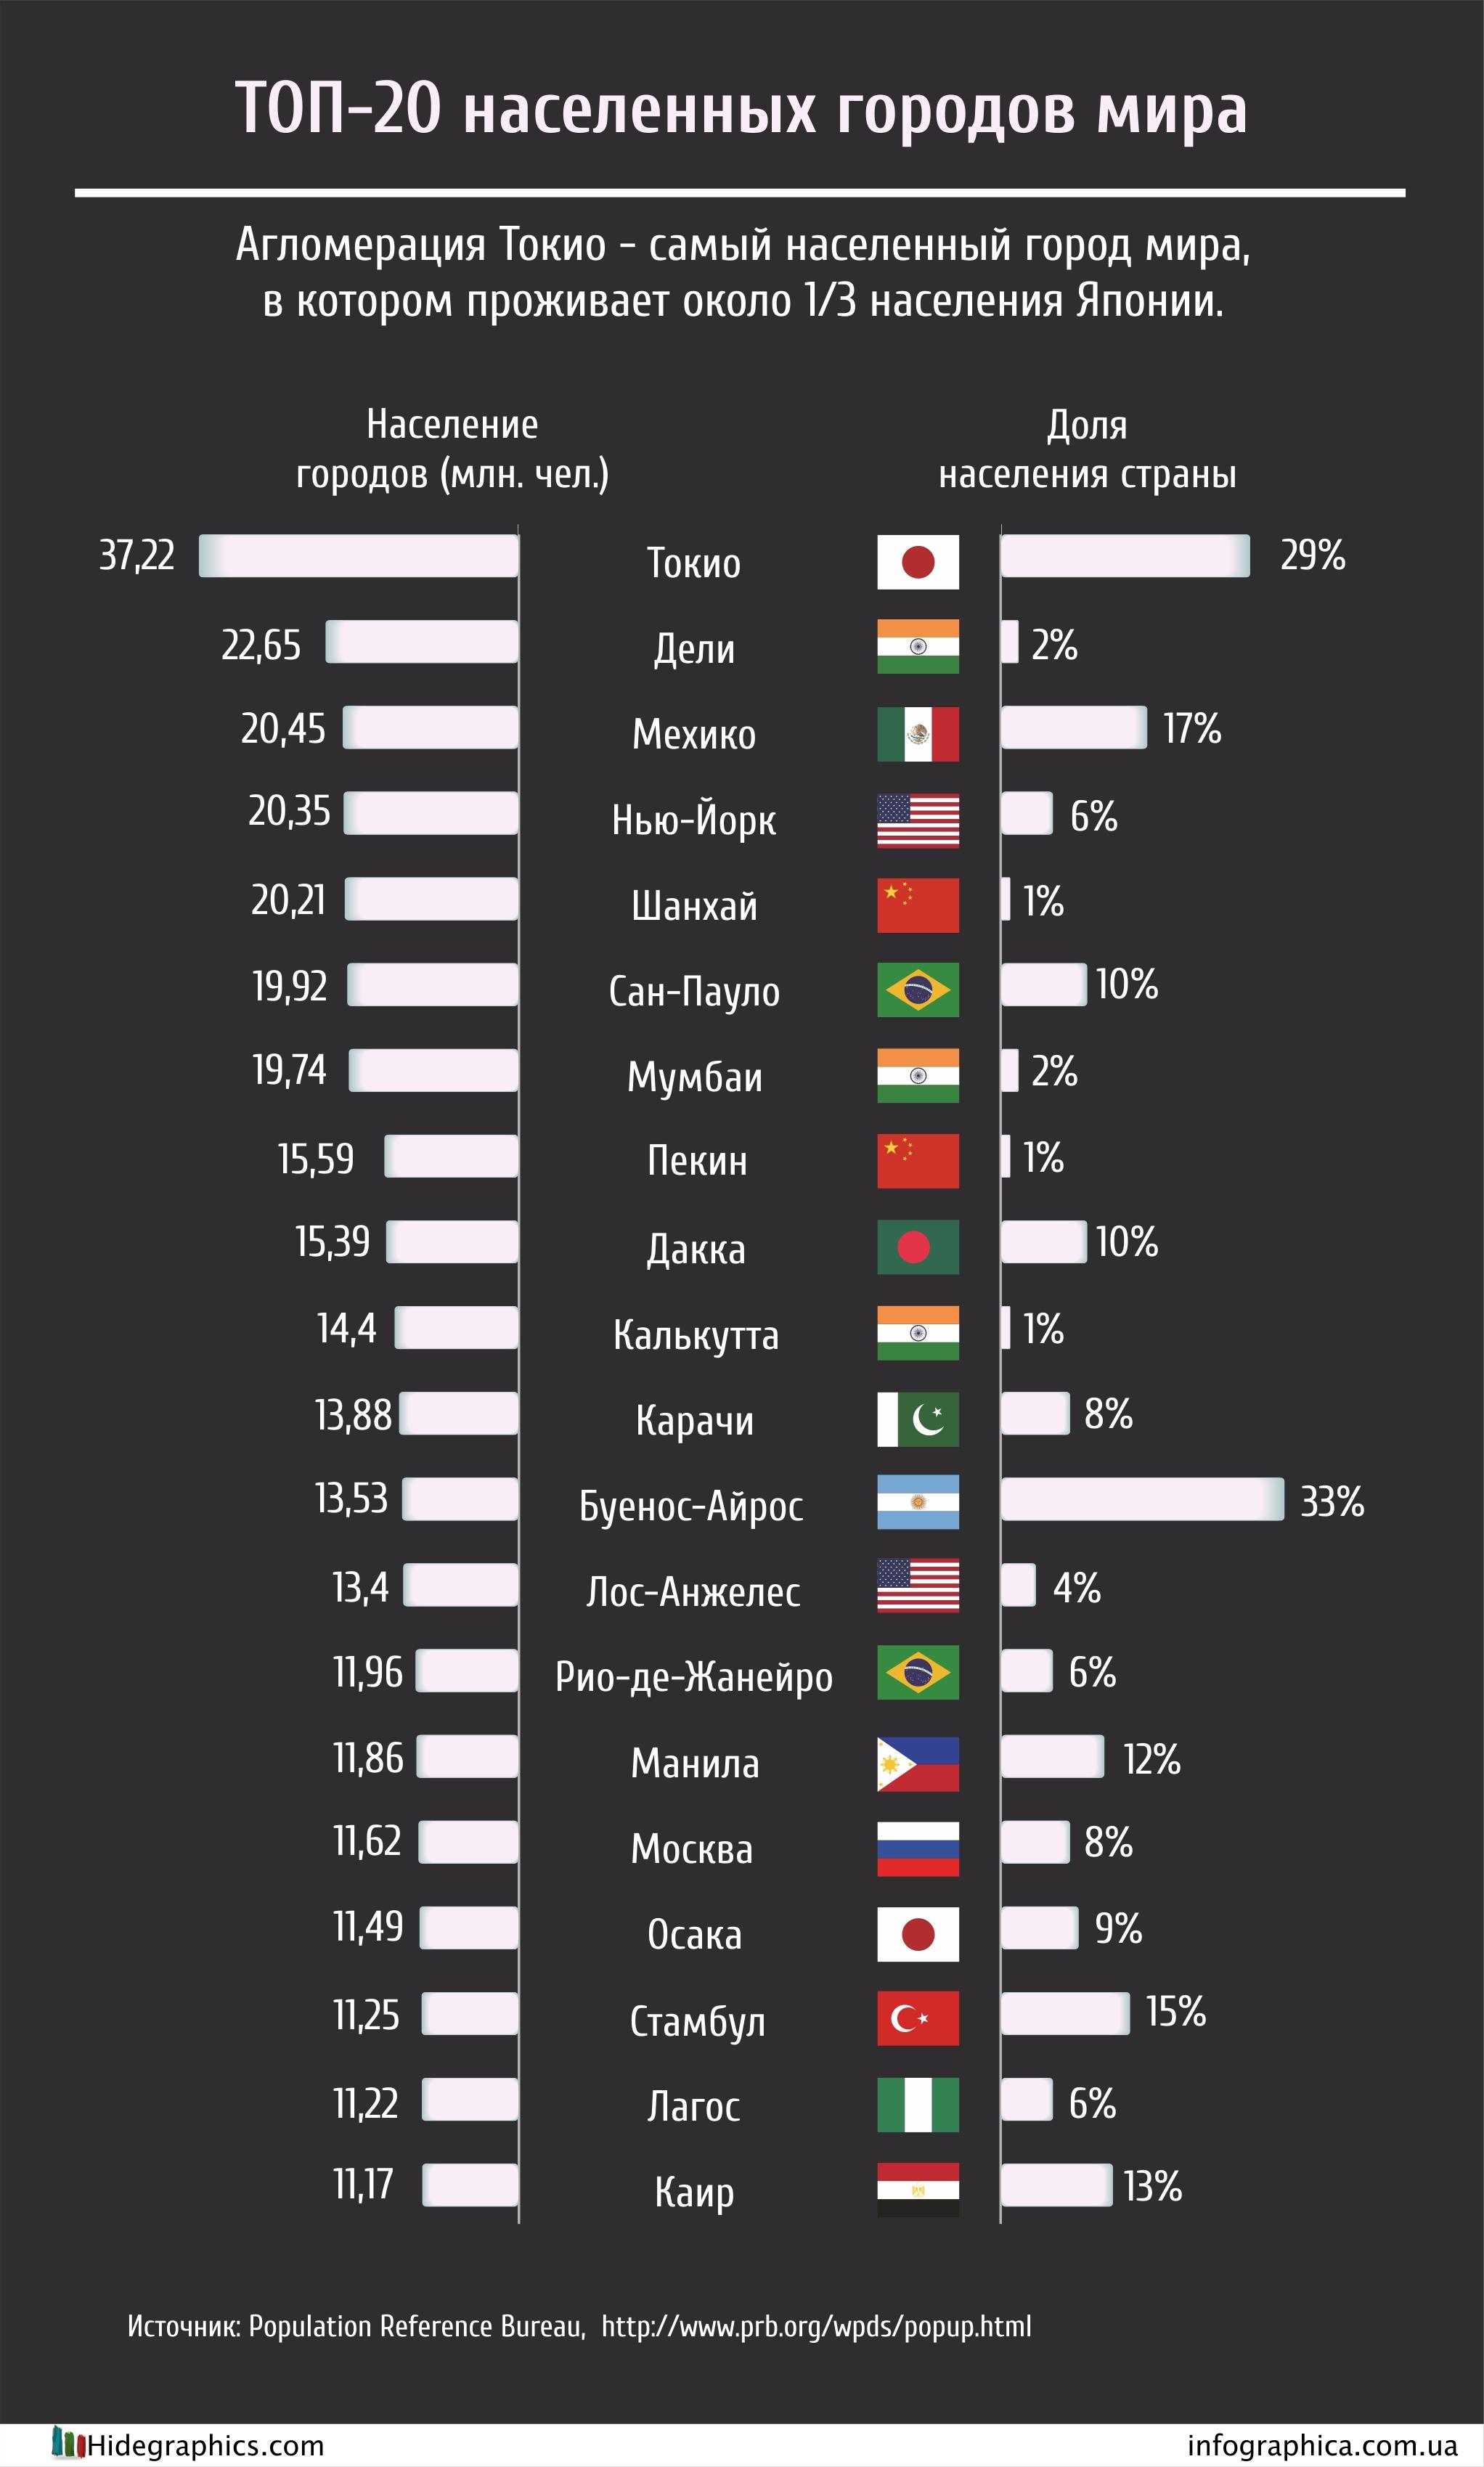 какие места занимают страны по населению